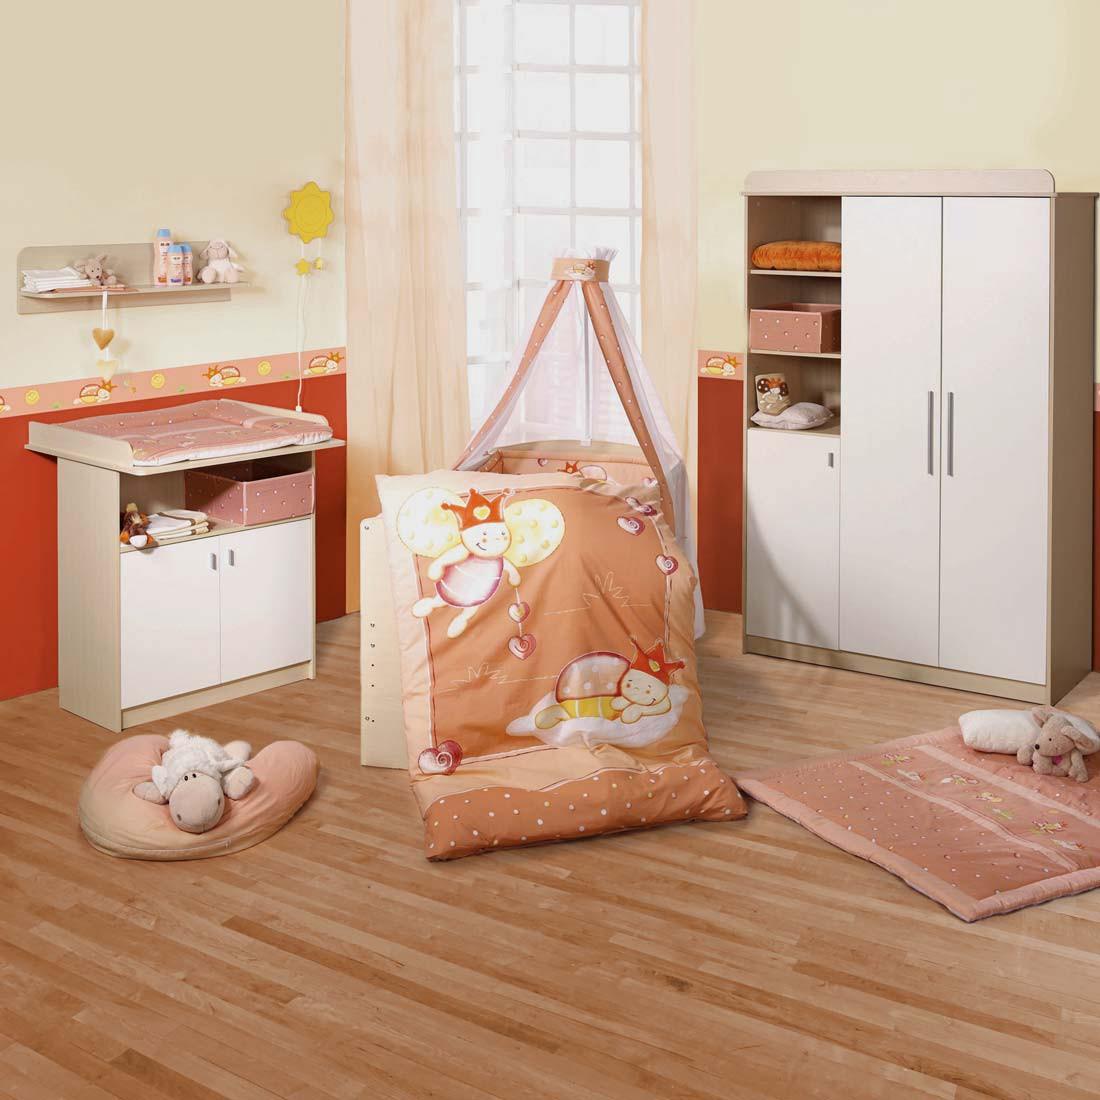 roba wickeltisch preisvergleich die besten angebote. Black Bedroom Furniture Sets. Home Design Ideas